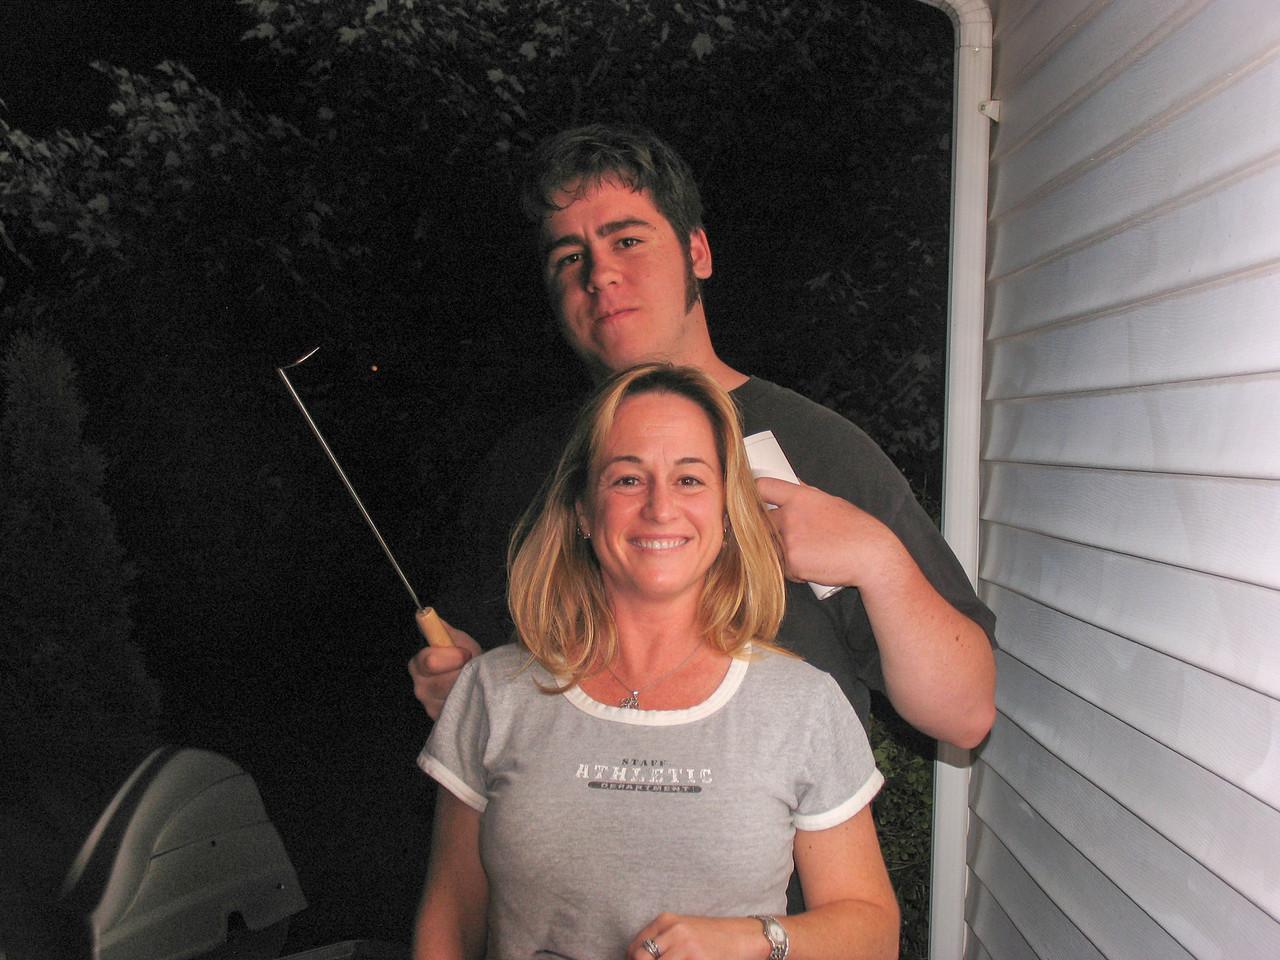 Gina and Jason Martinez - August 2005